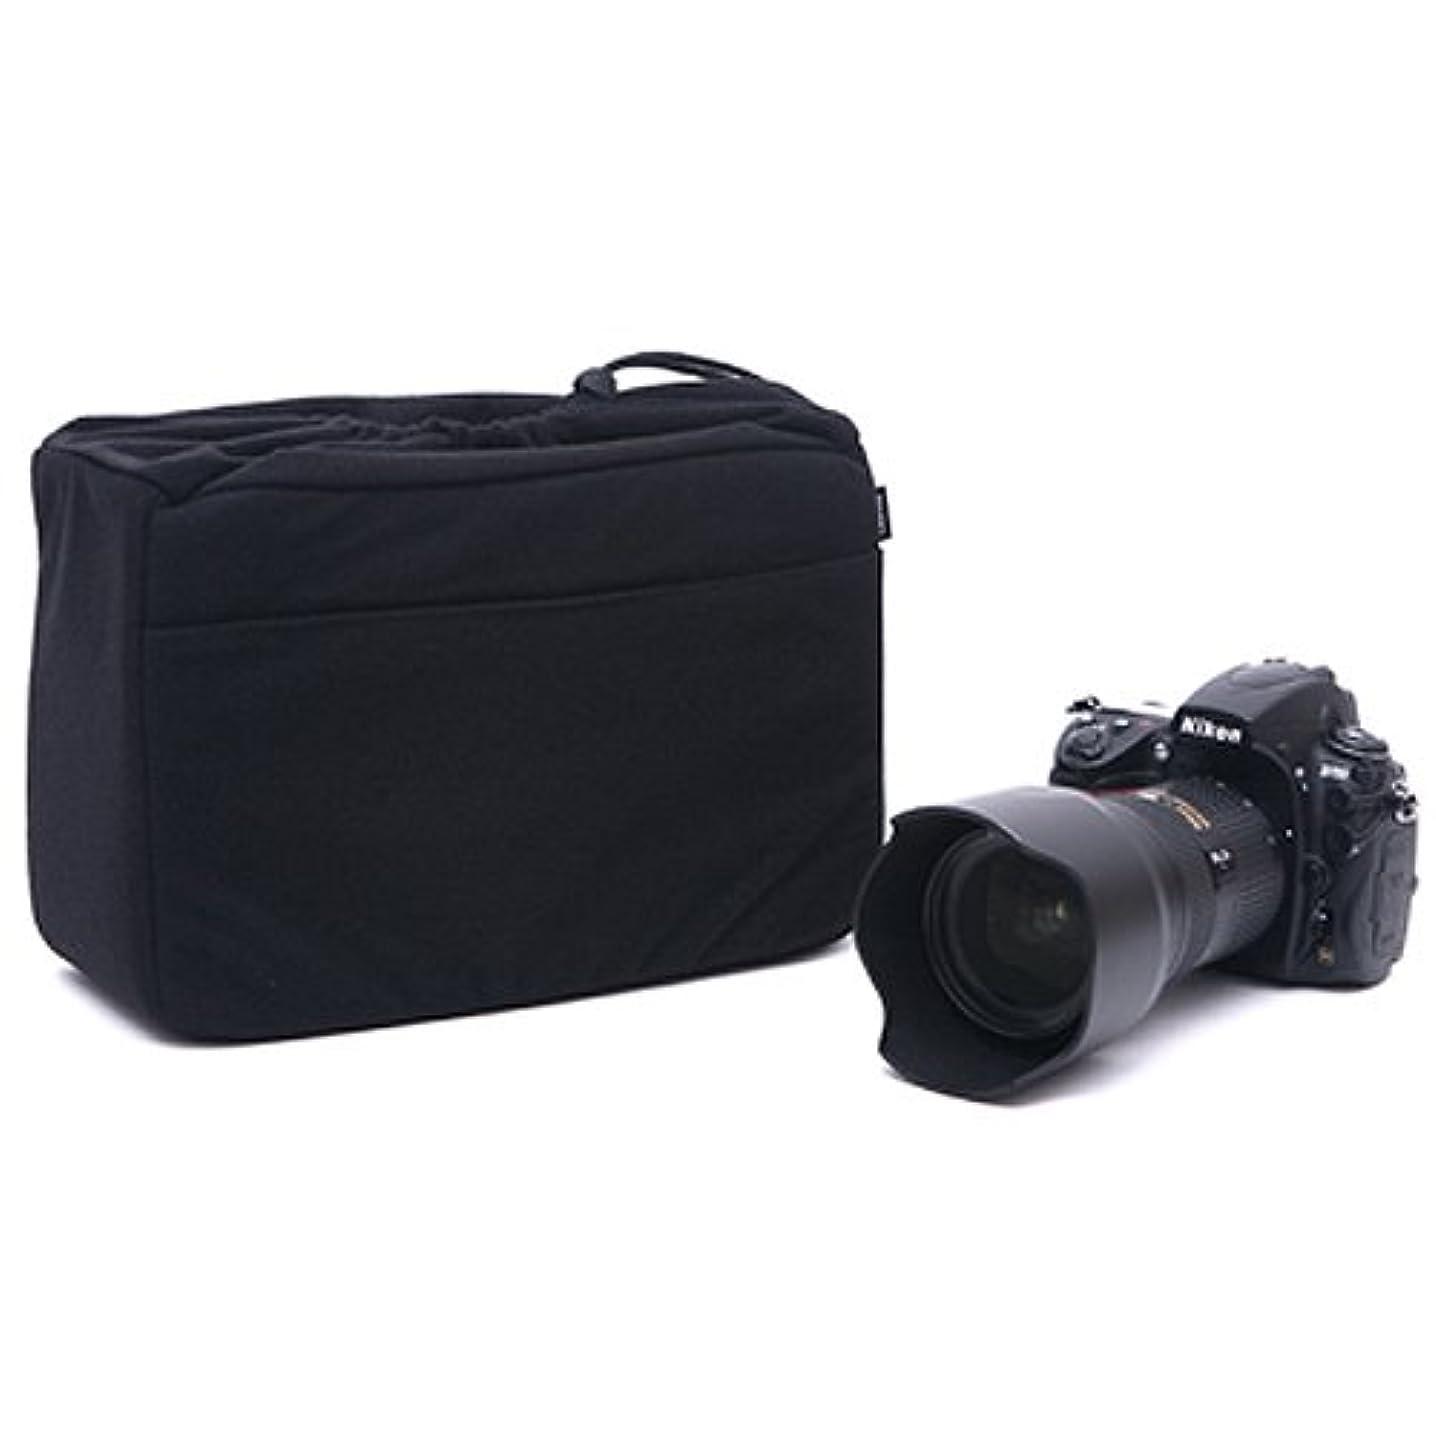 MATIN Cushion Partition Insert Padded Bag Case NDCP-70 Black for DSLR SLR Mirrorless Camera Lens